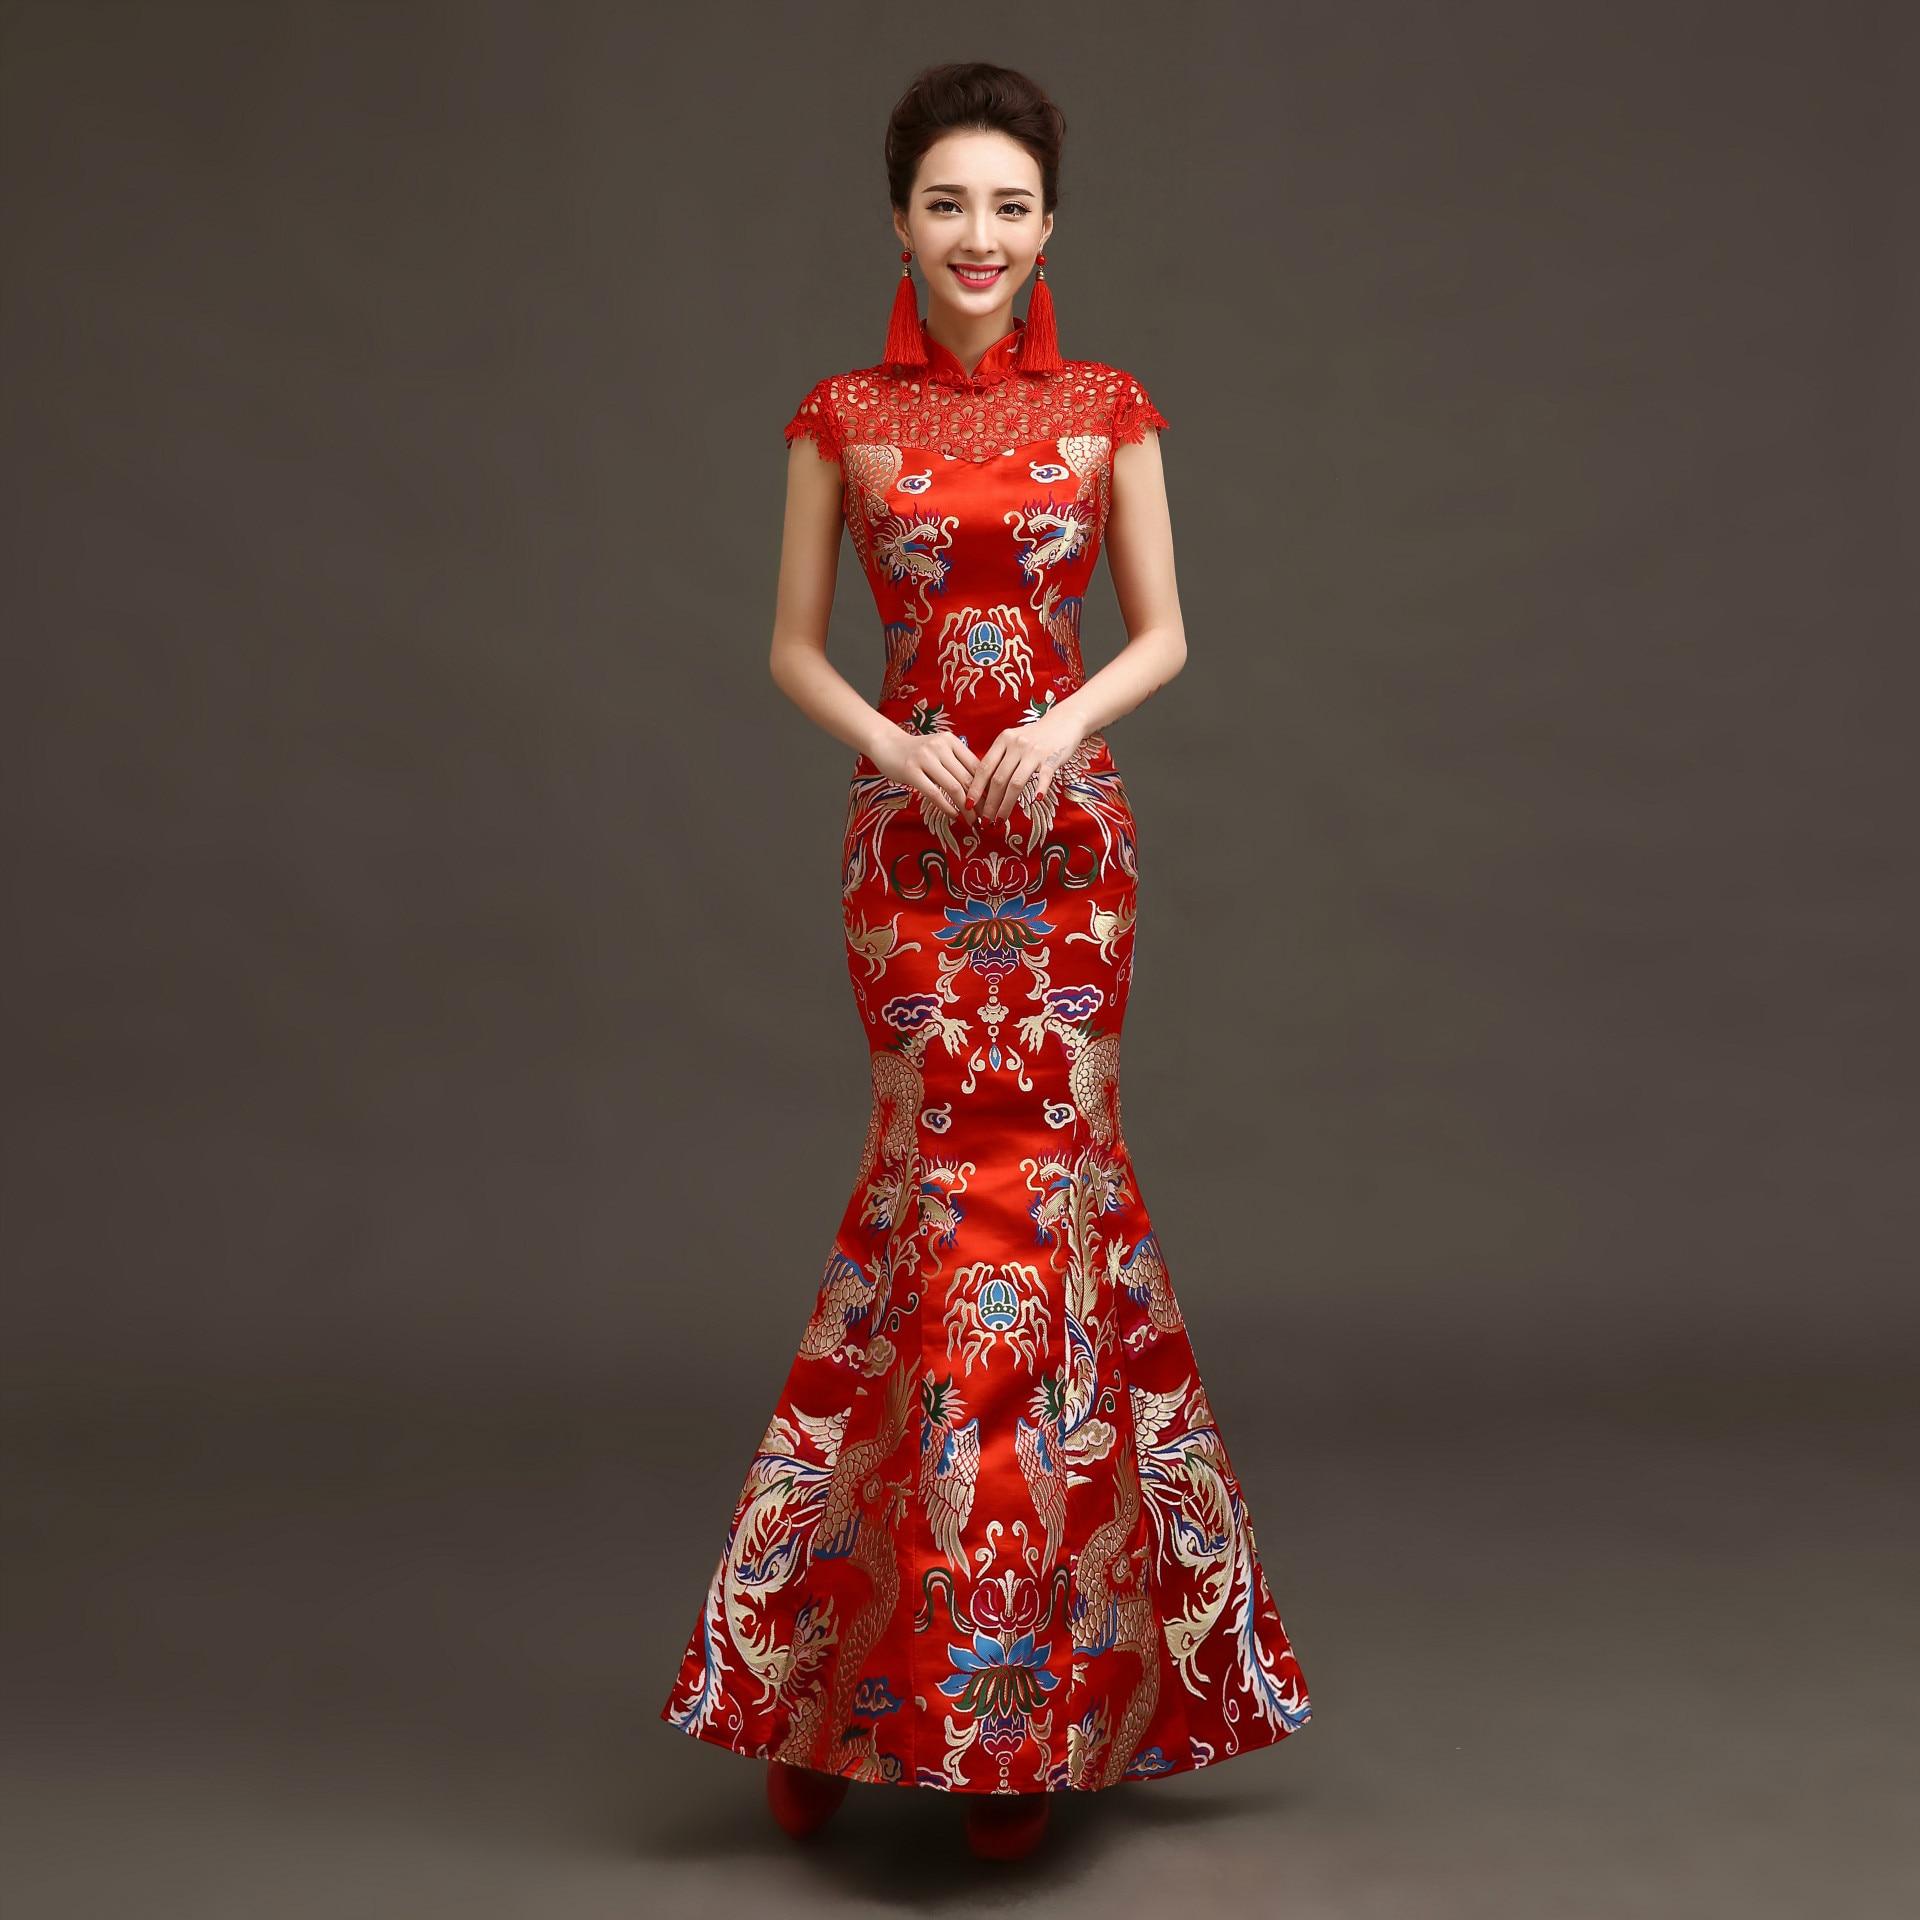 Vestiti Eleganti Cinesi.Lungo Cheongsam Cinese Abito Da Sposa Sposa Costume Retro Elegante